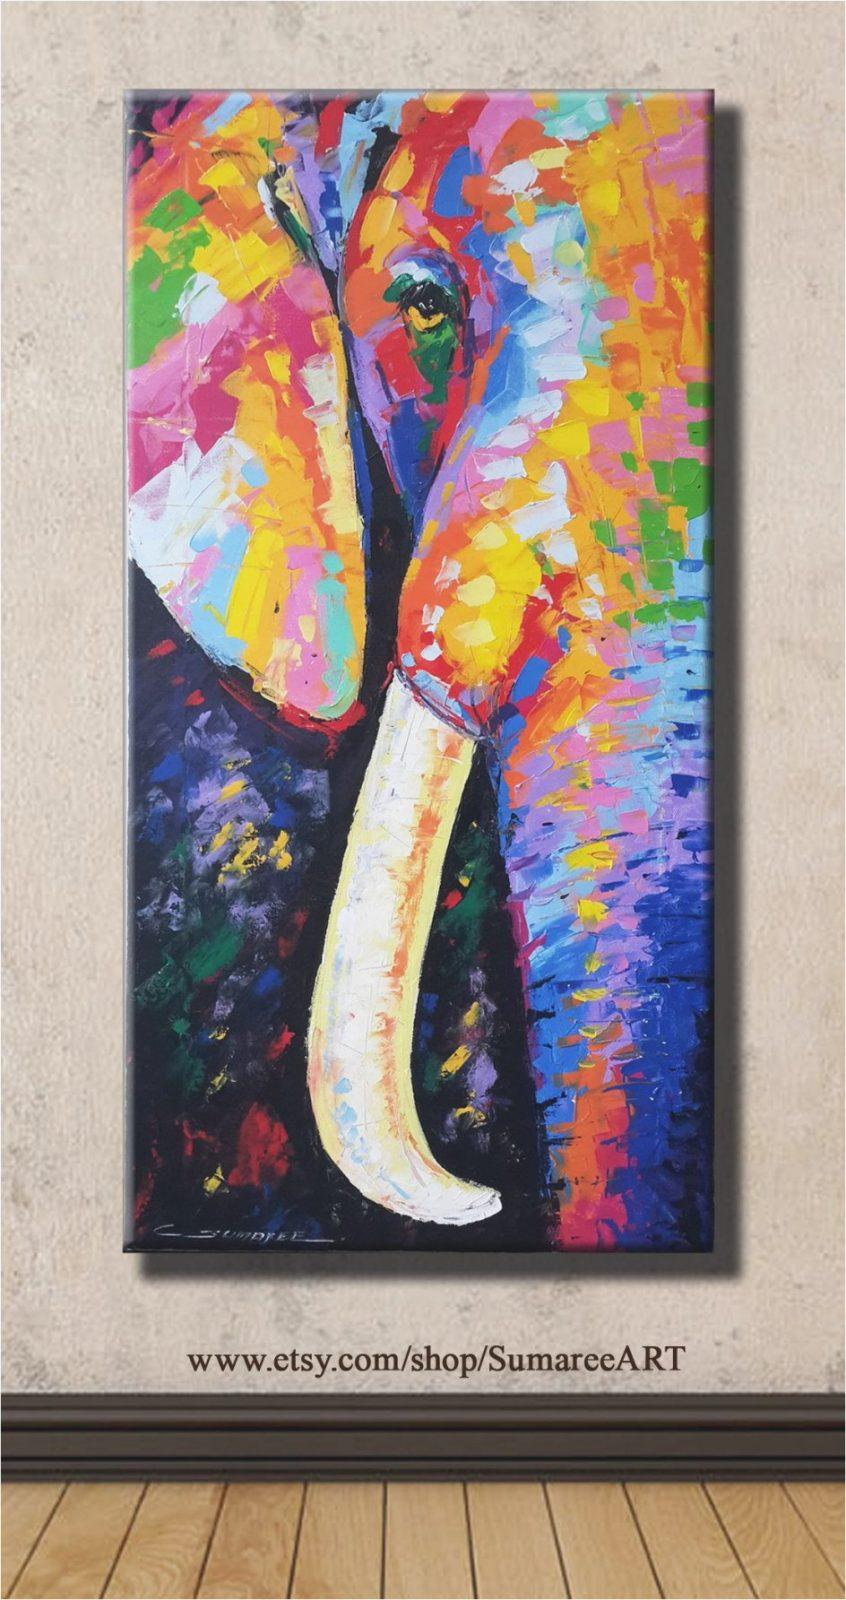 Bilder Selber Malen Mit Acryl Vorlagen  Vorlage Und Muster von Bilder Selber Malen Mit Acryl Vorlagen Photo